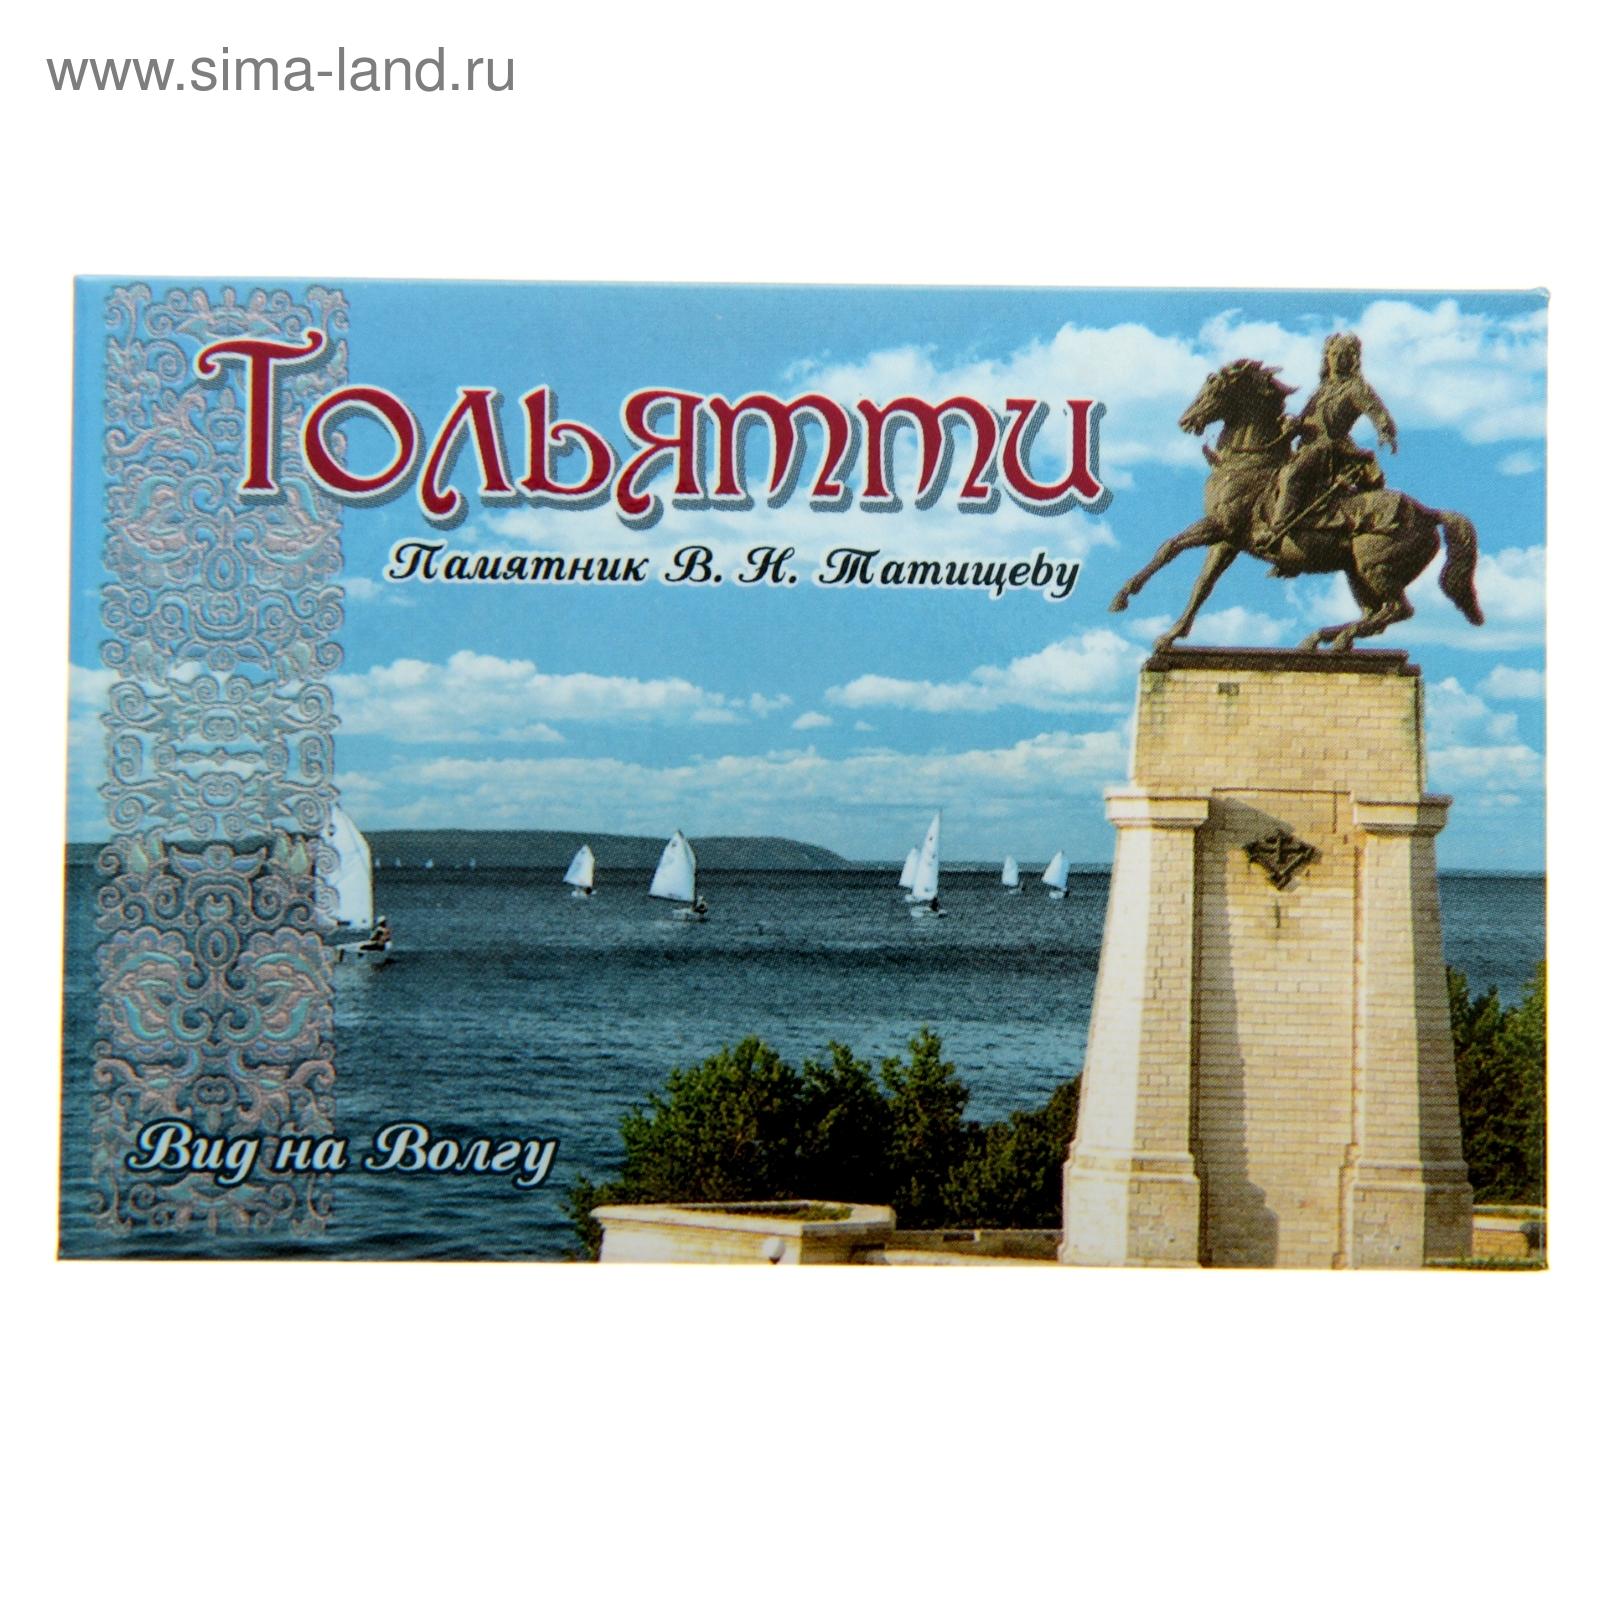 Памятники купить цены тольятти изготовление надгробных памятников с фото и рисунком